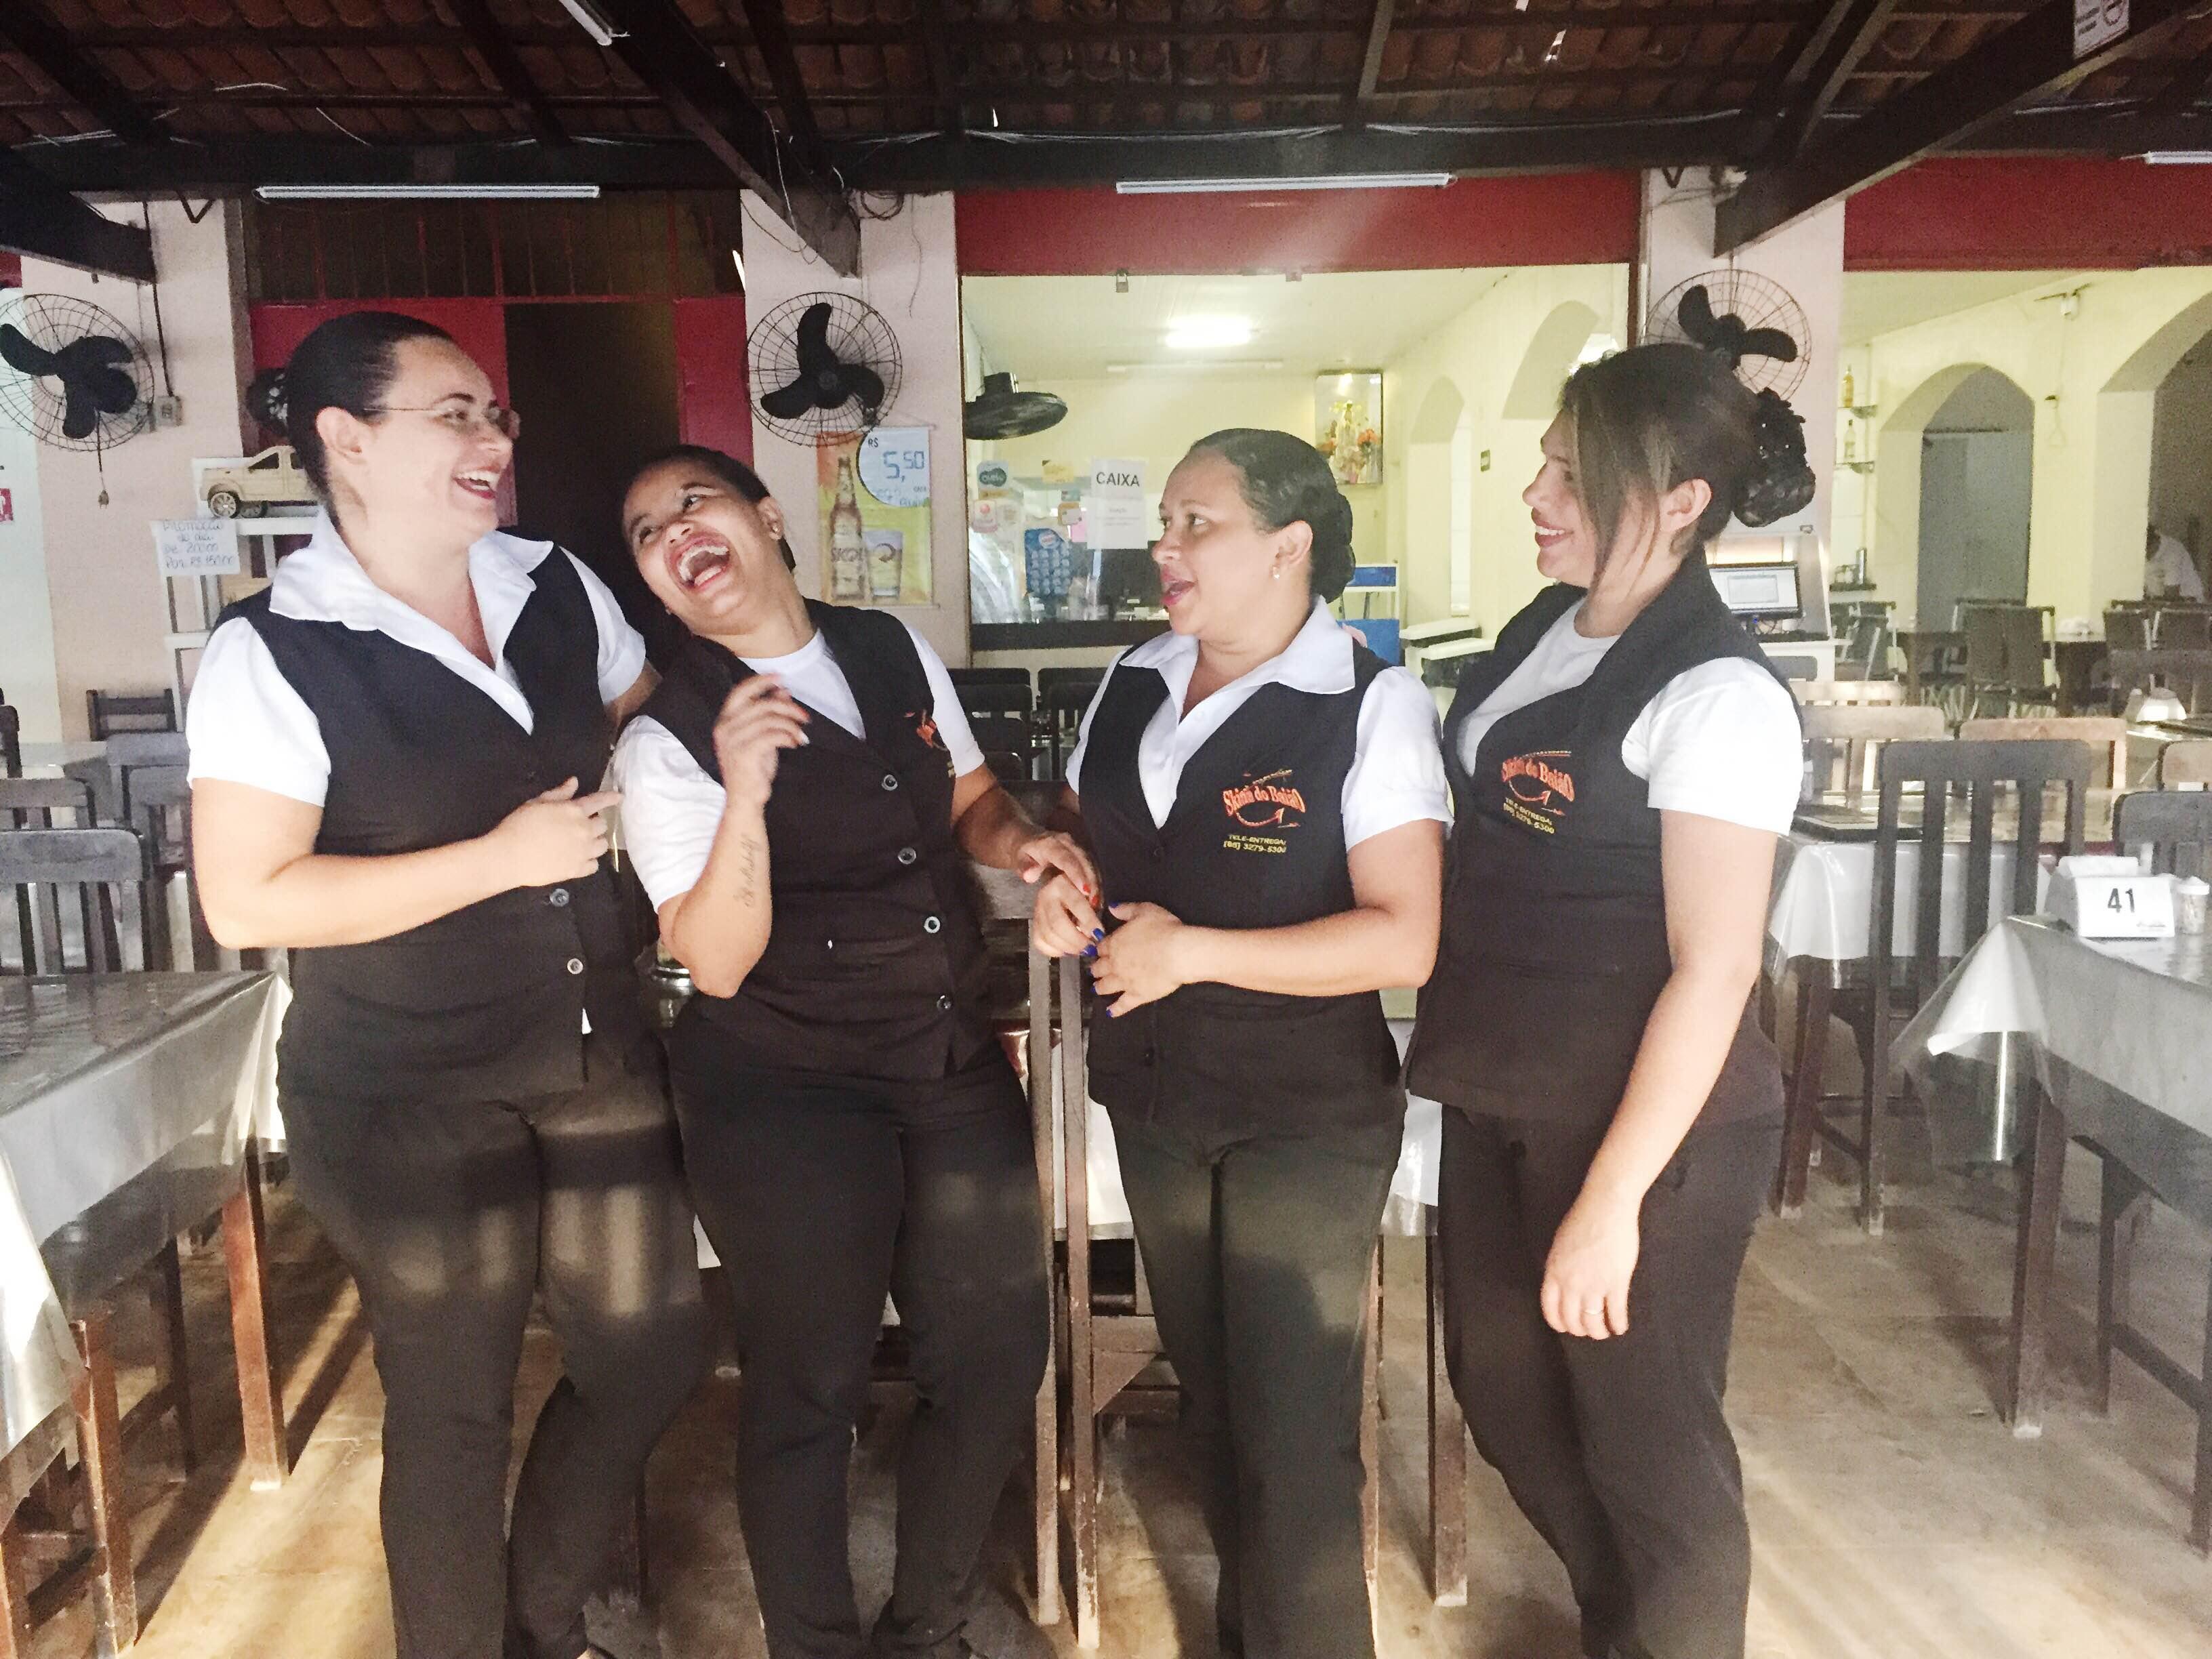 Restaurante de Fortaleza opta por atendimento ao cliente feito somente por mulheres